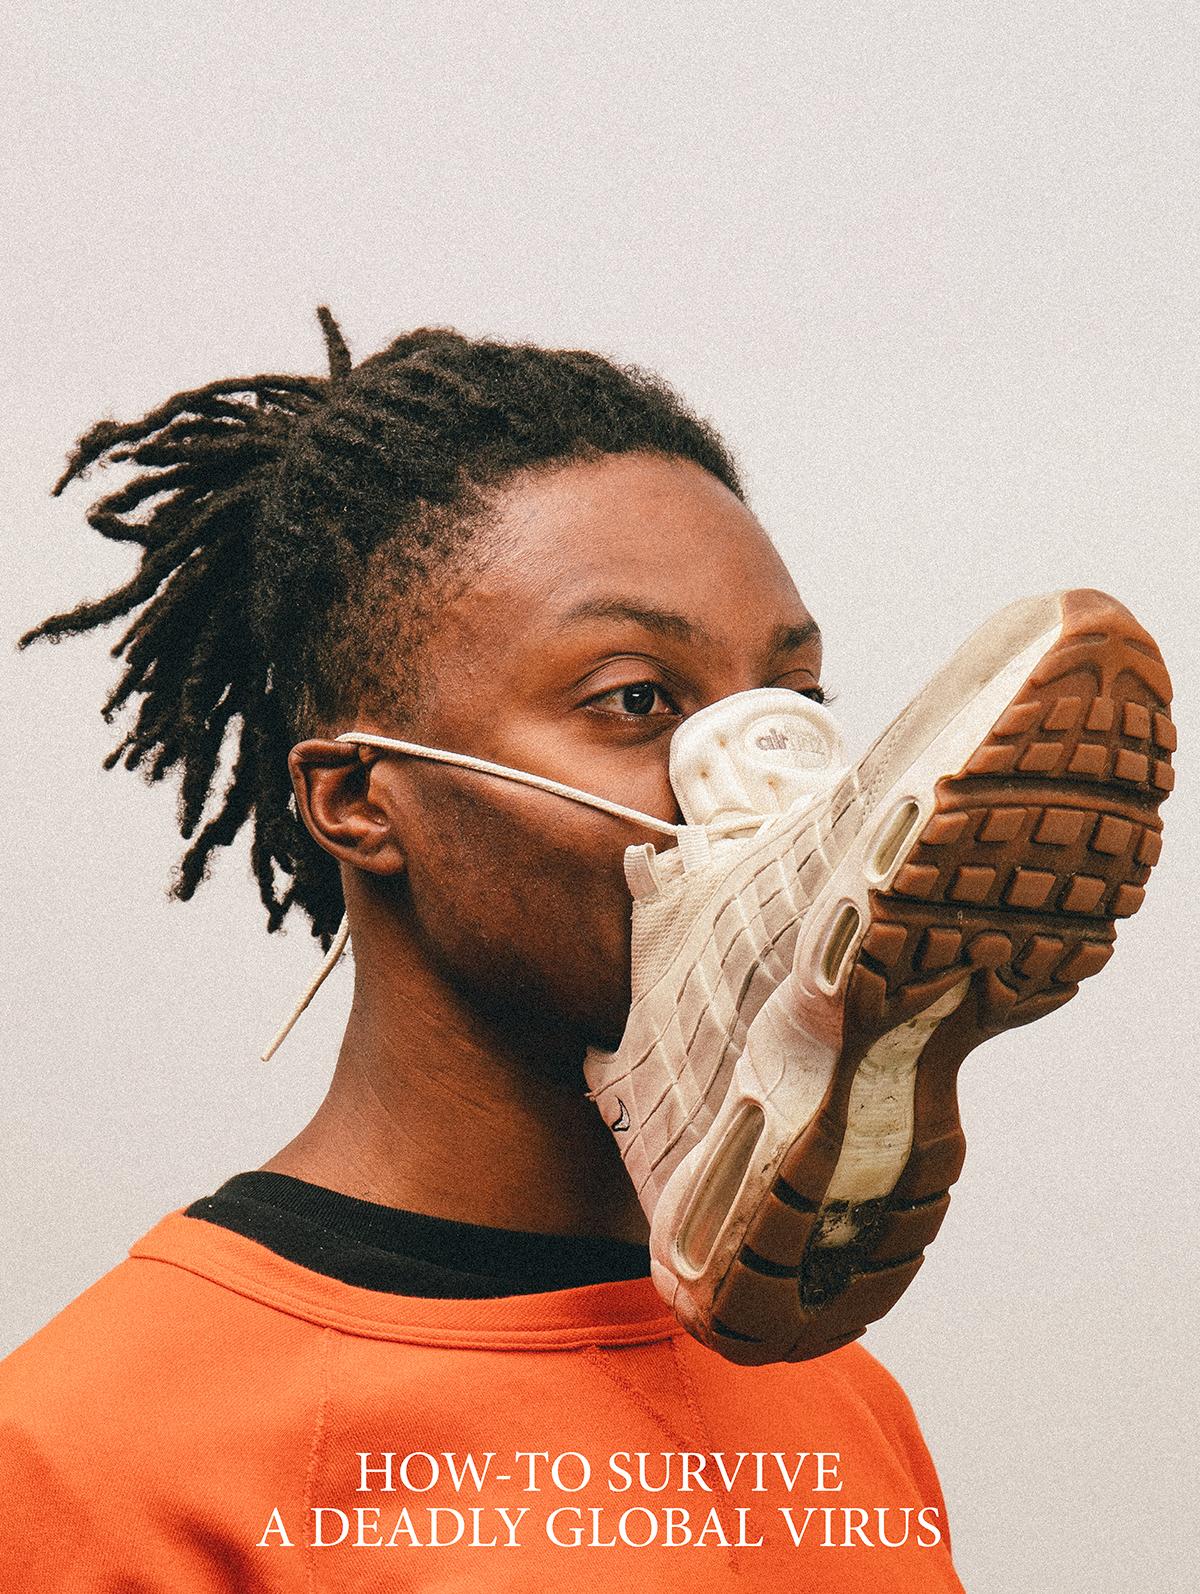 Atemschutzmaske aus Sportschuh